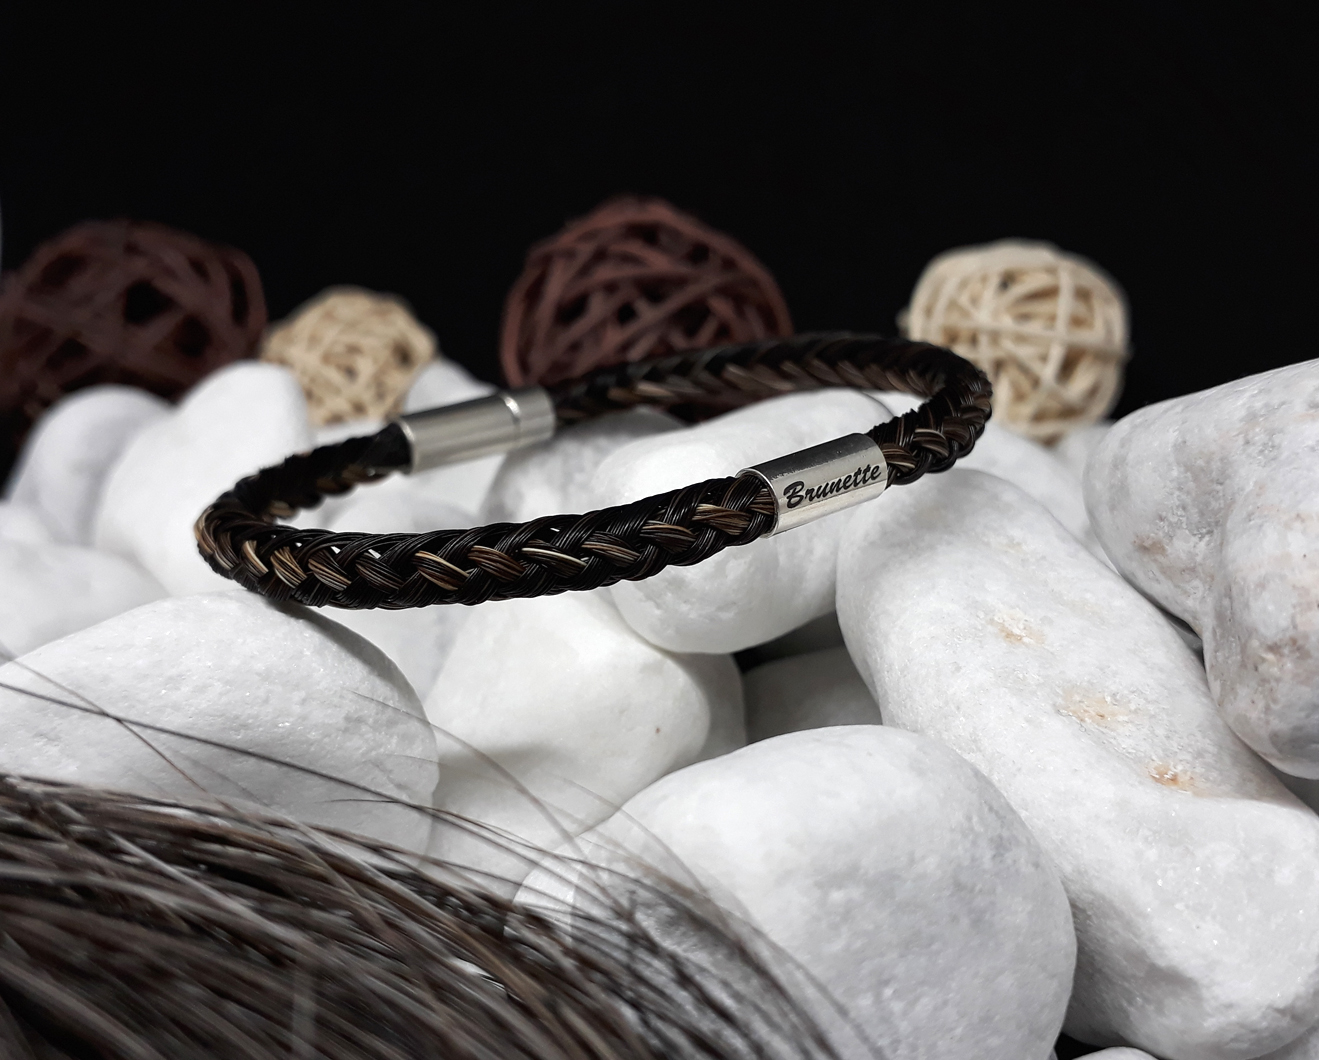 R8-Gravur-Silberhülse (dick): Rund geflochtenes Armband aus 8 braun mellierten Strängen mit 925er Silber-Hülse (dick) mit Gravur, mit 925er Silber-Druckverschluss - Preis: 79 Euro